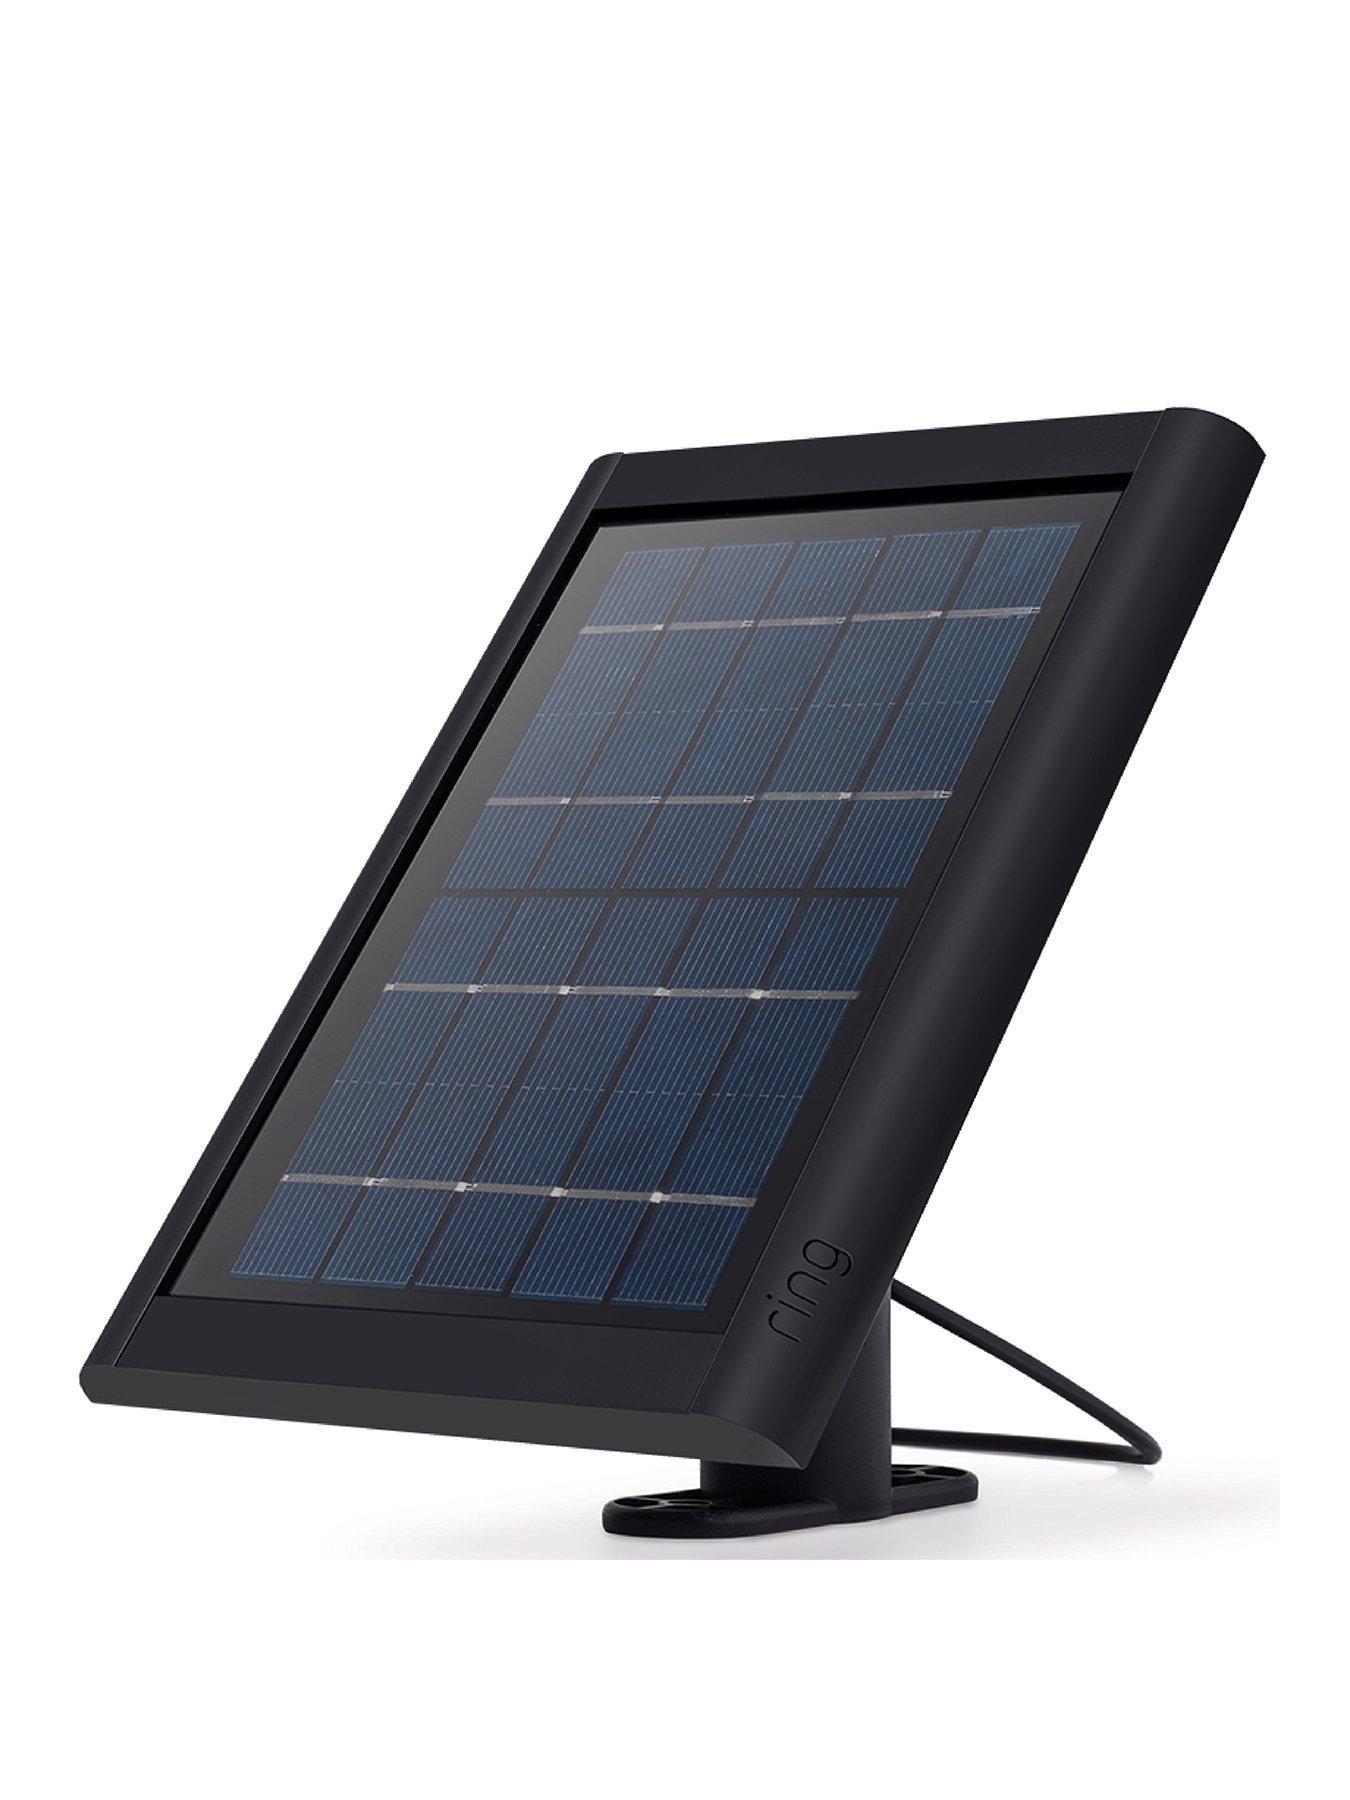 Ring Solar Panel For Spotlight Cam Battery Black Solar Panels Solar Panels For Home Solar